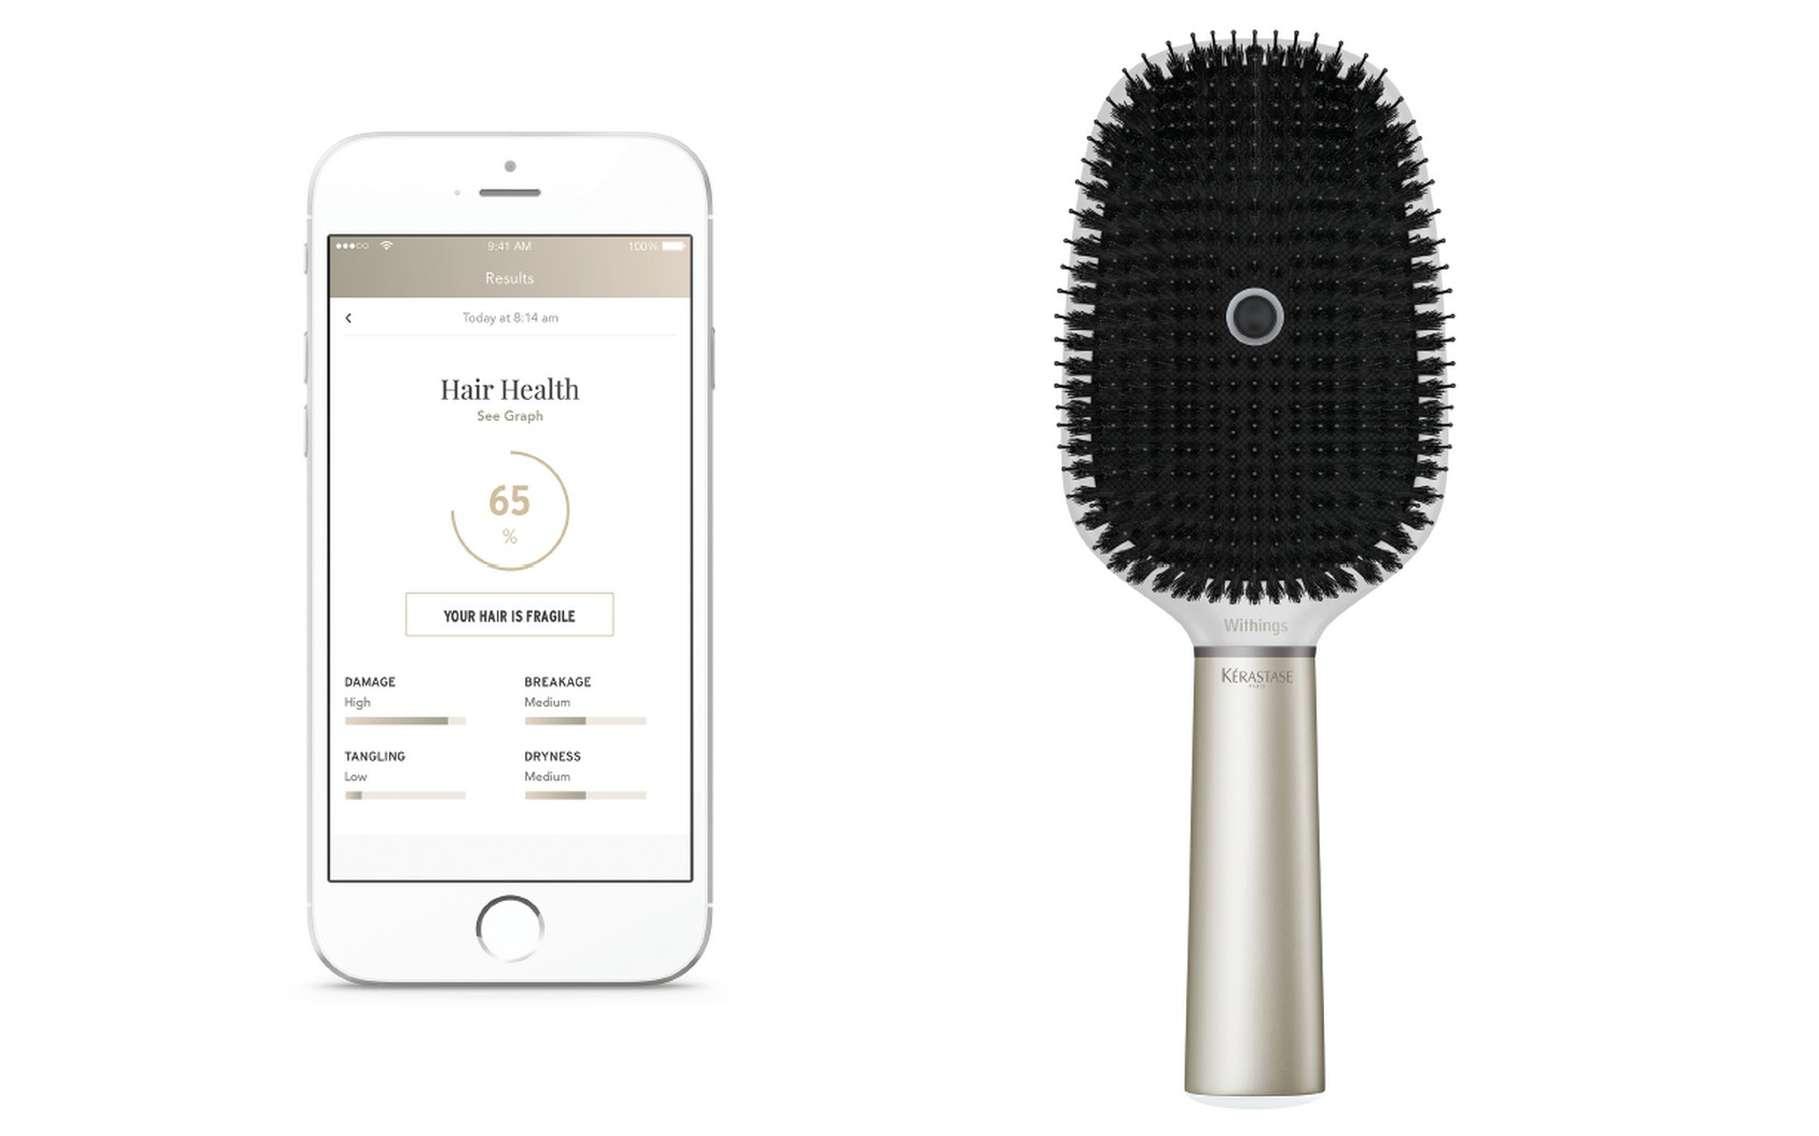 La brosse à cheveux Hair Coach est censée aider leur utilisateur à mieux prendre soin de leurs cheveux en surveillant la technique et les conditions extérieures. © Withings, Kérastase